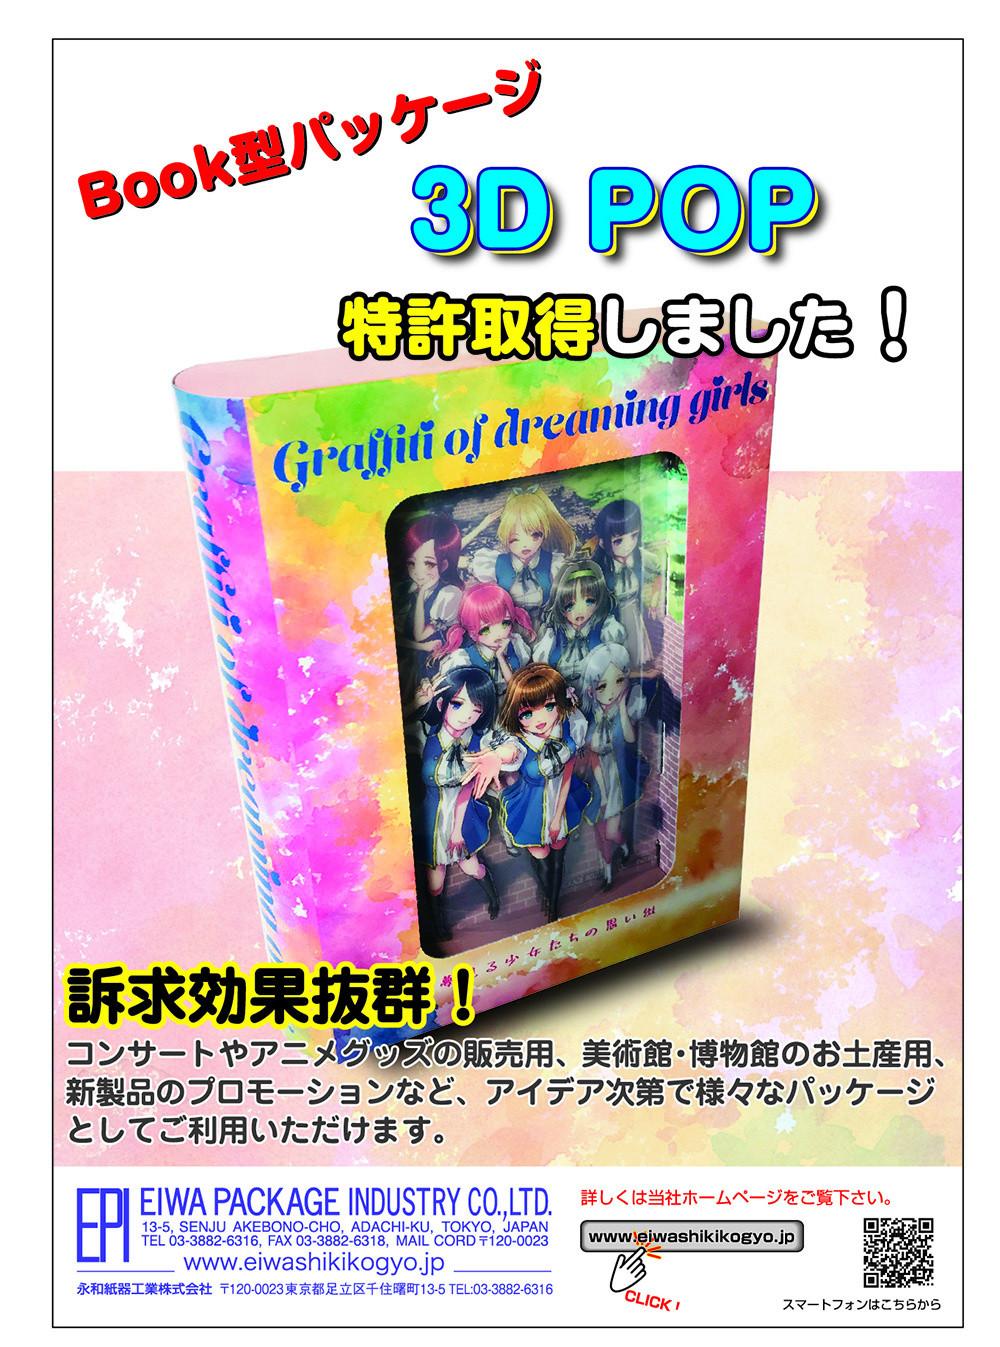 Book型パッケージ 3D POP特許取得